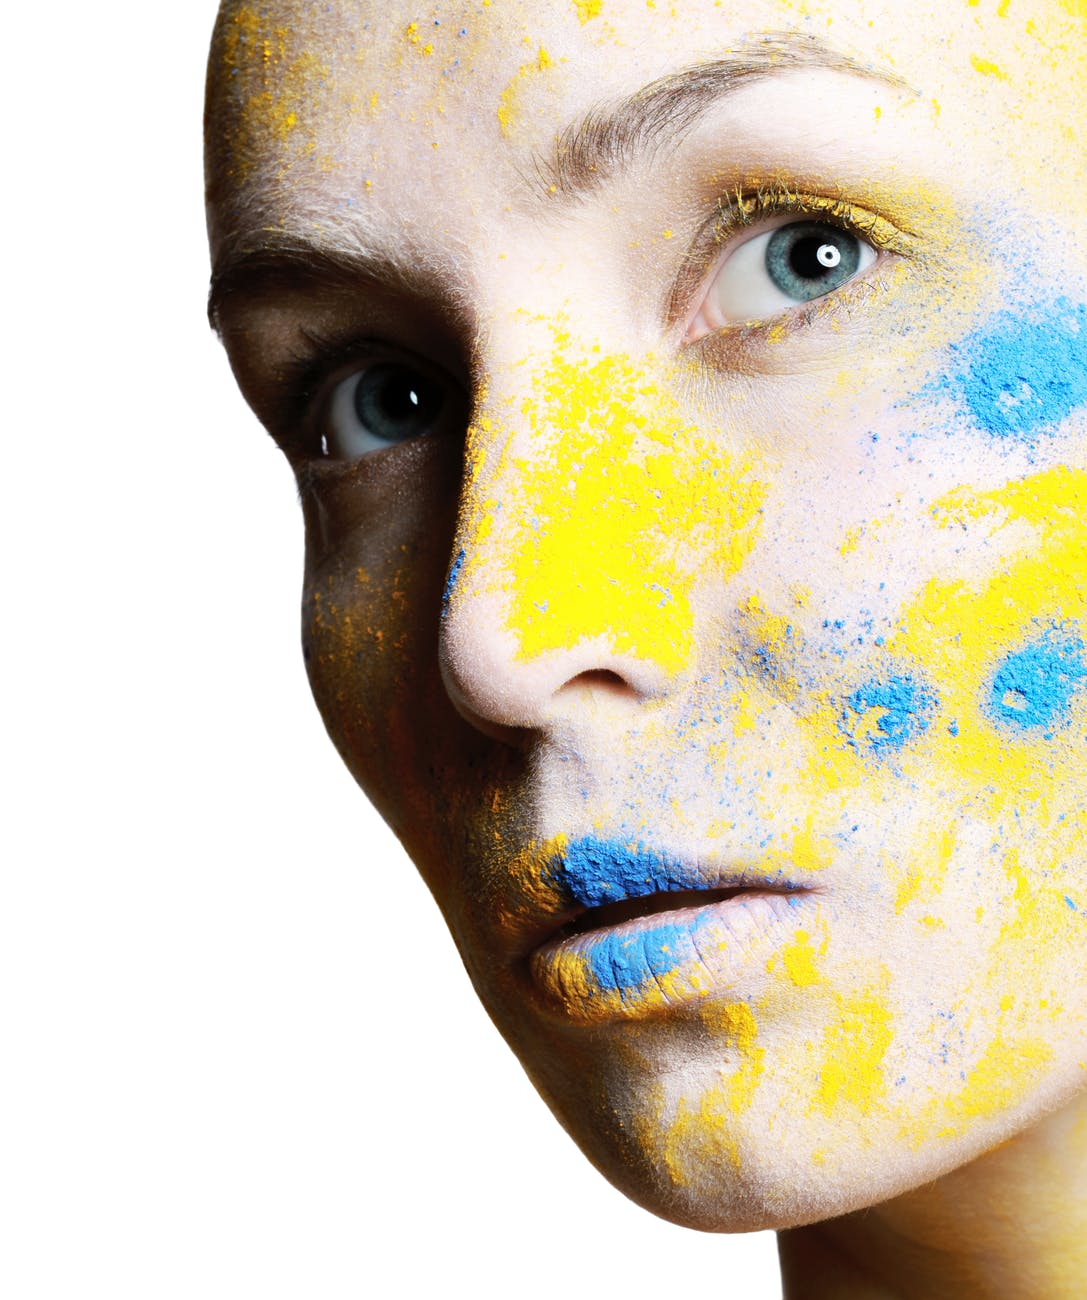 Sử dụng phấn má cho da khô sẽ khiến làn da dễ lộ khuyết điểm hơn. Ảnh: Pexels.